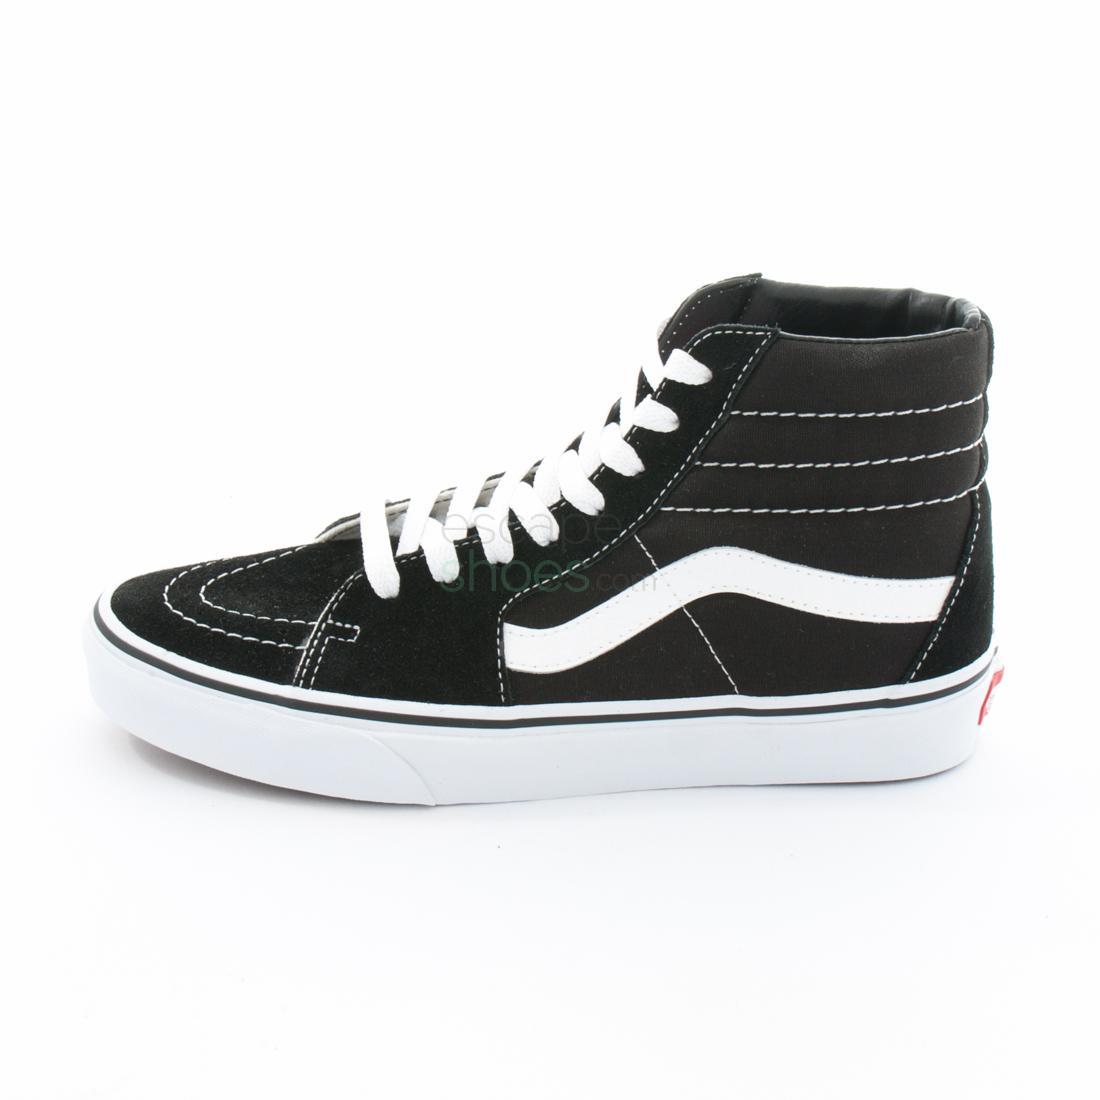 Sneakers VANS Sk8-Hi Black VD5IB8C